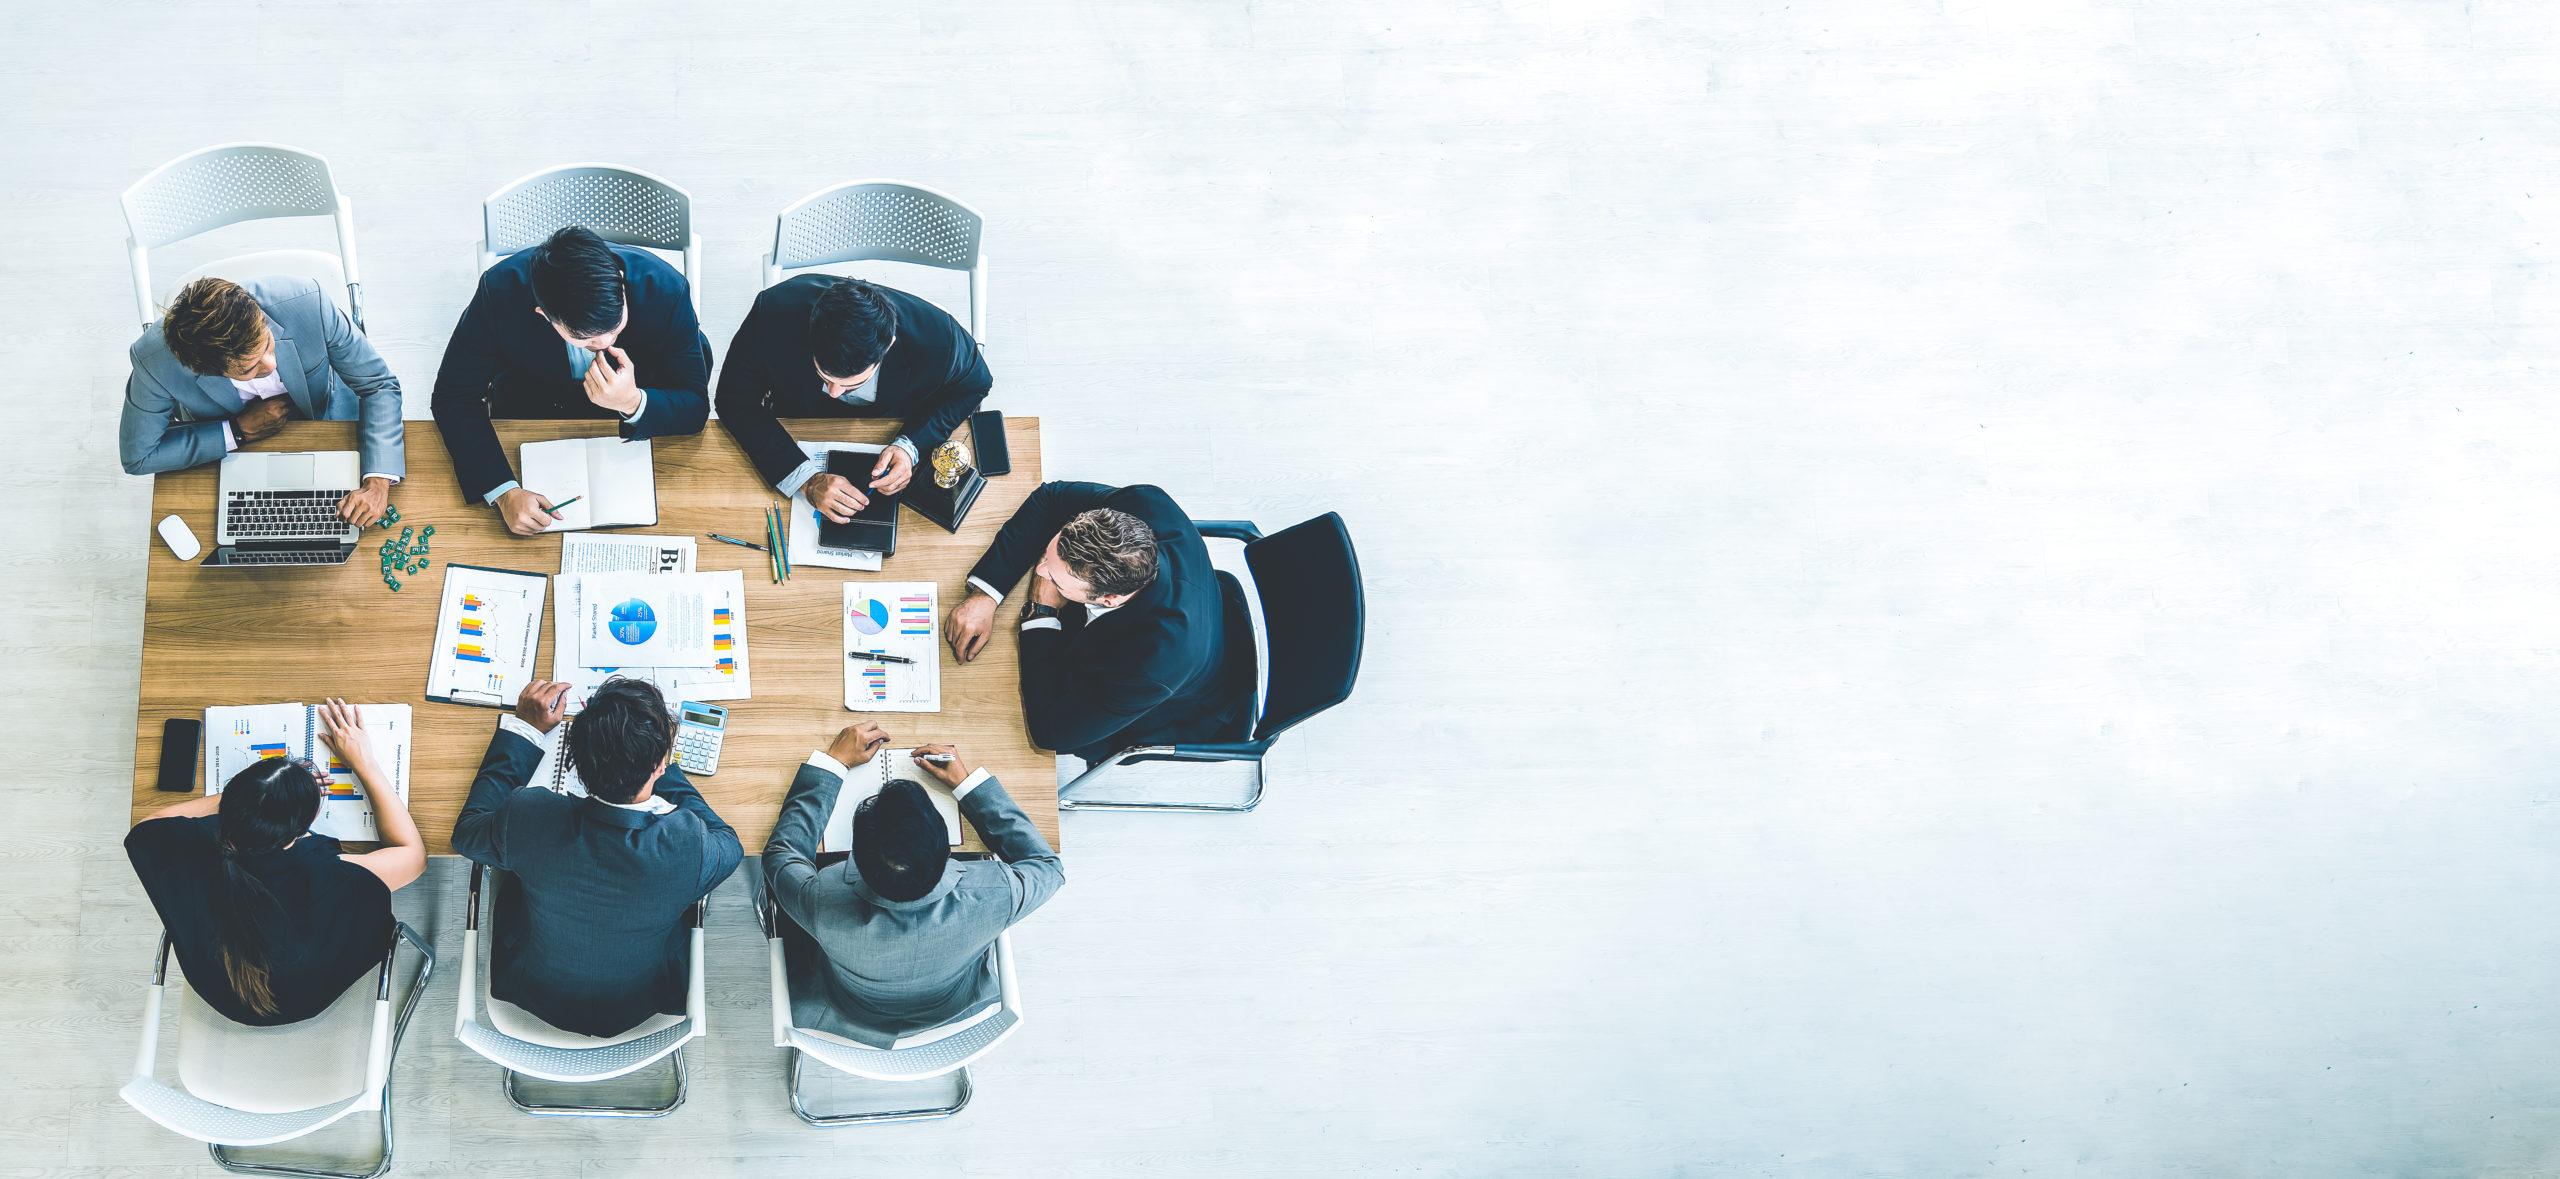 Réunion d'équipe dans une entreprise